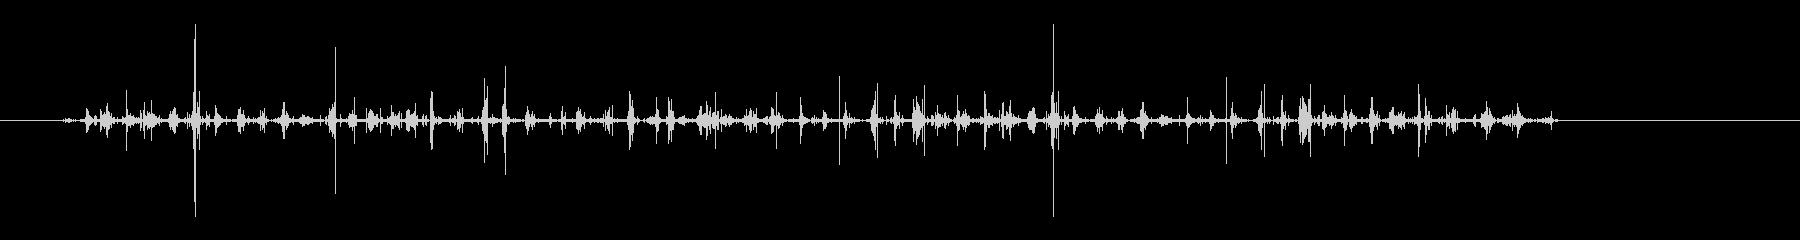 足音-森-中の未再生の波形